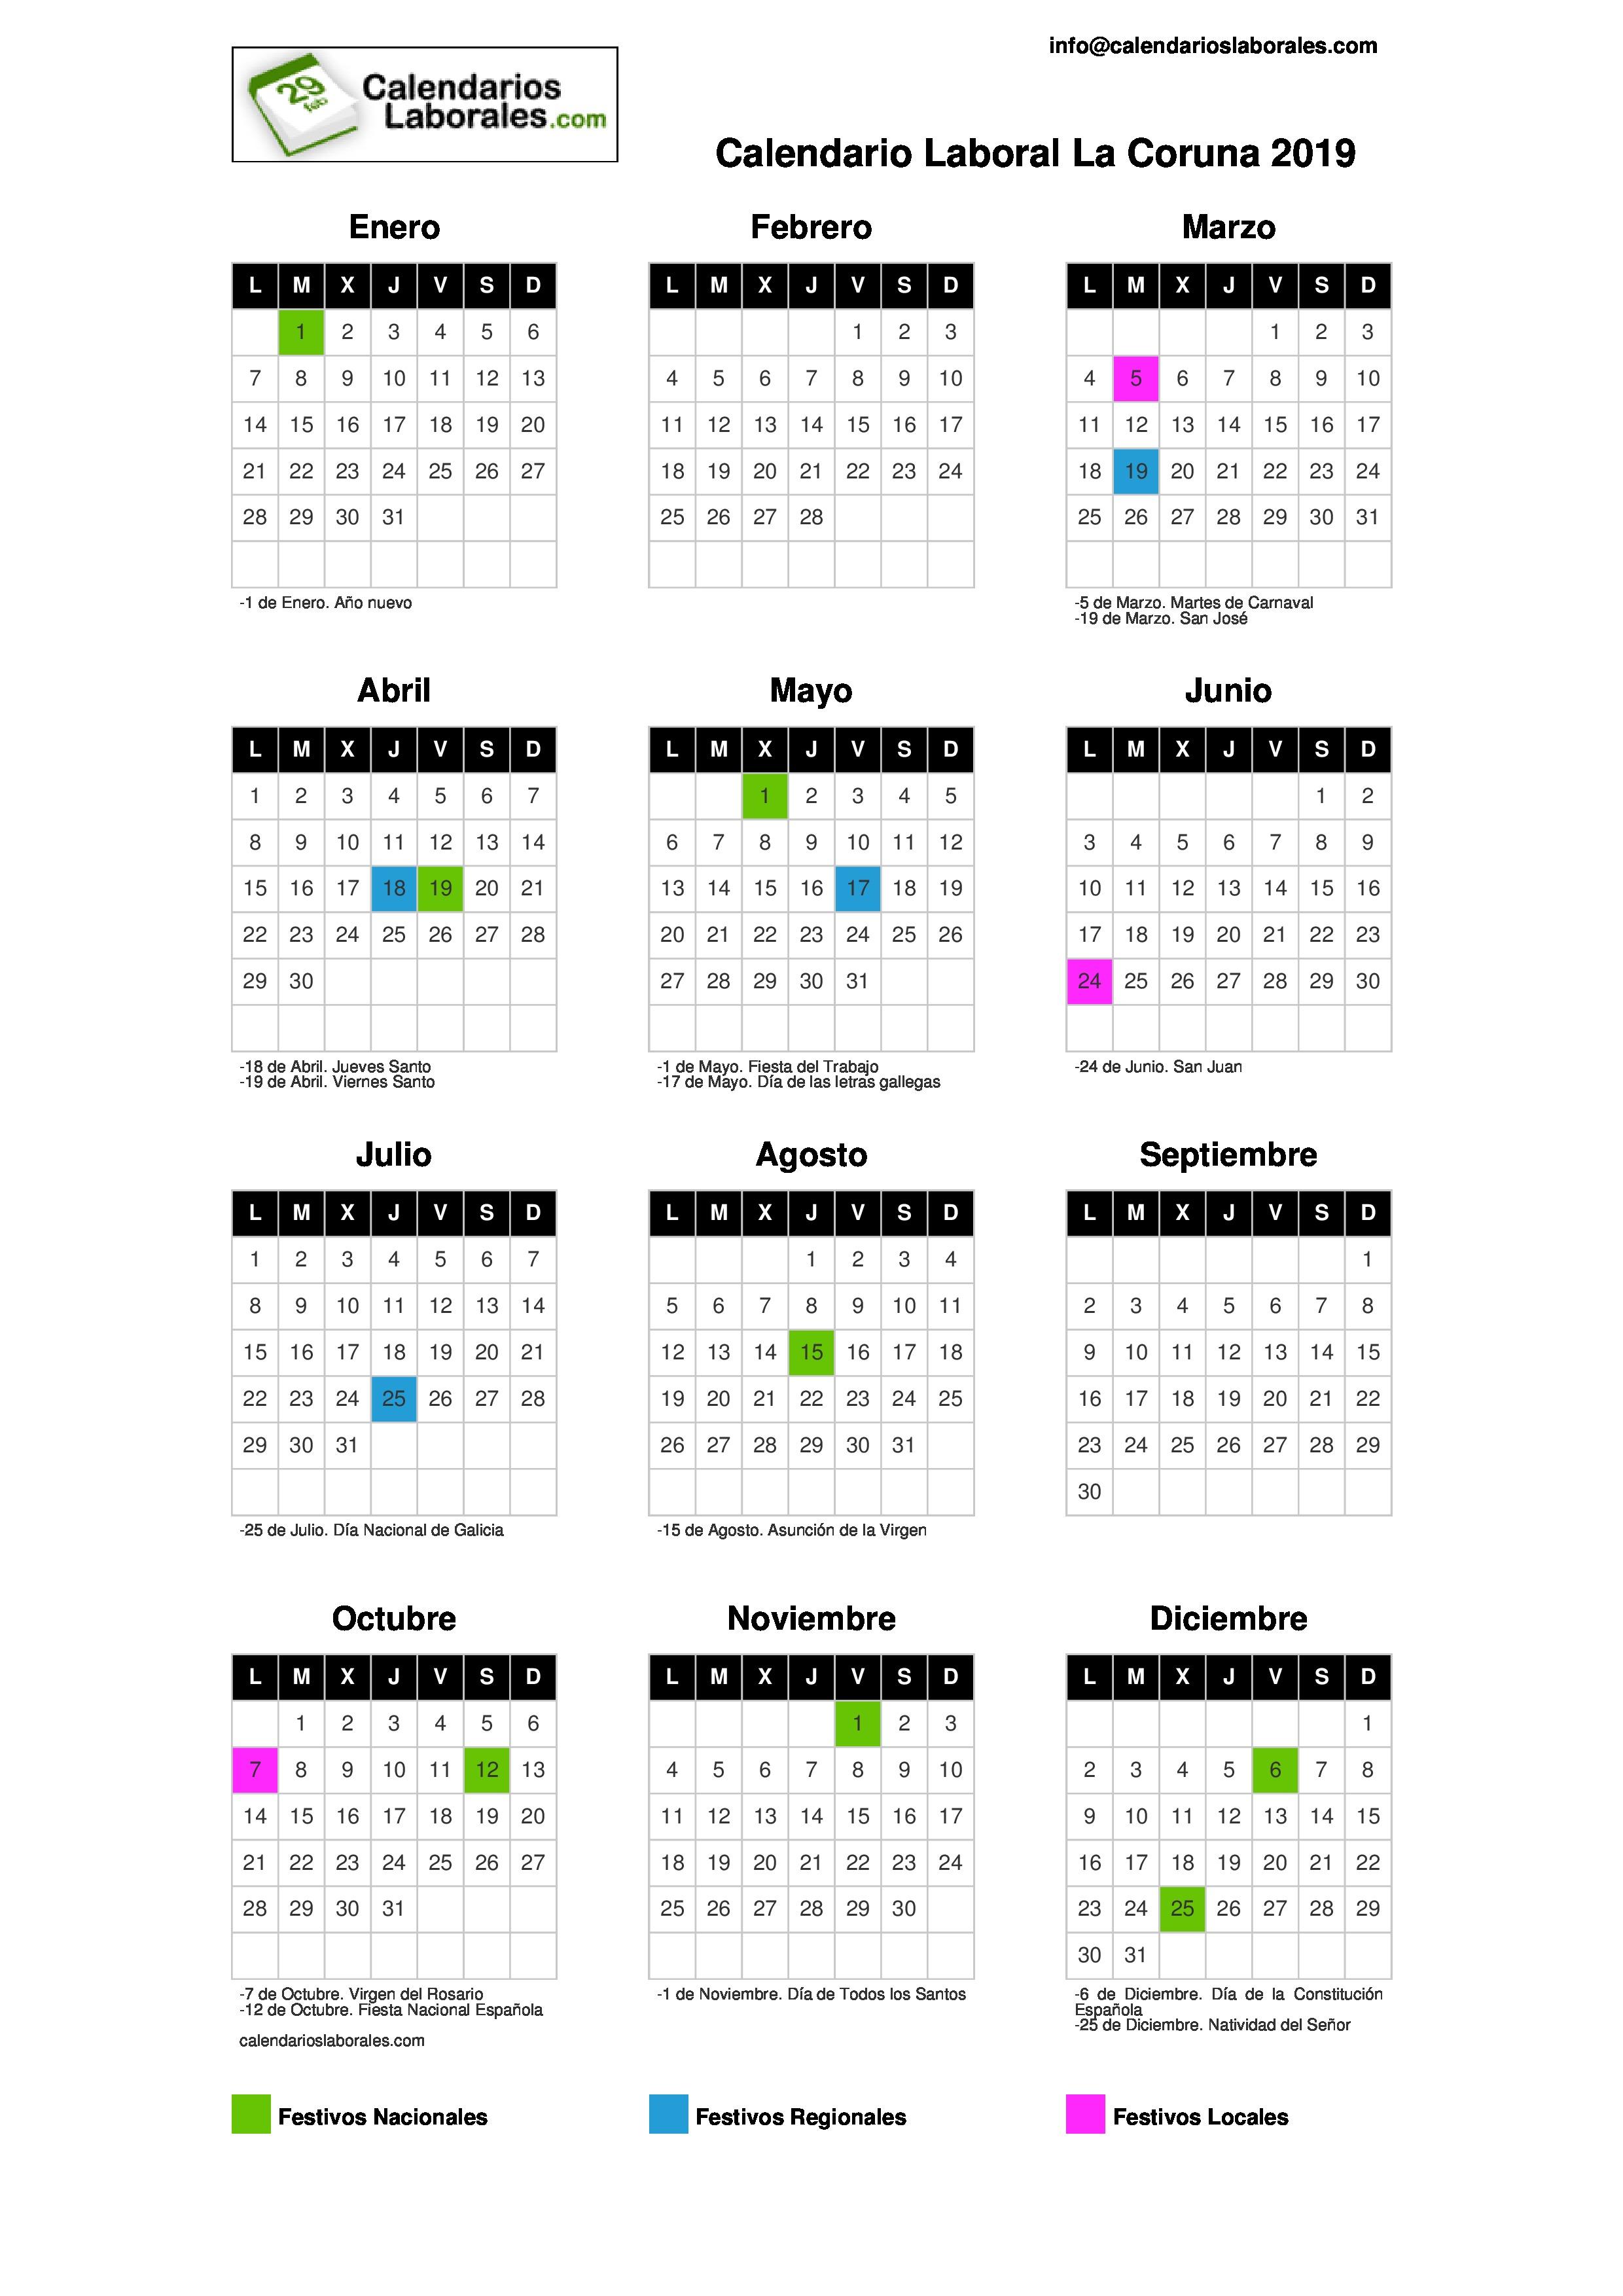 Calendario Santoral 2019.Calendario Laboral Coruna La 2019